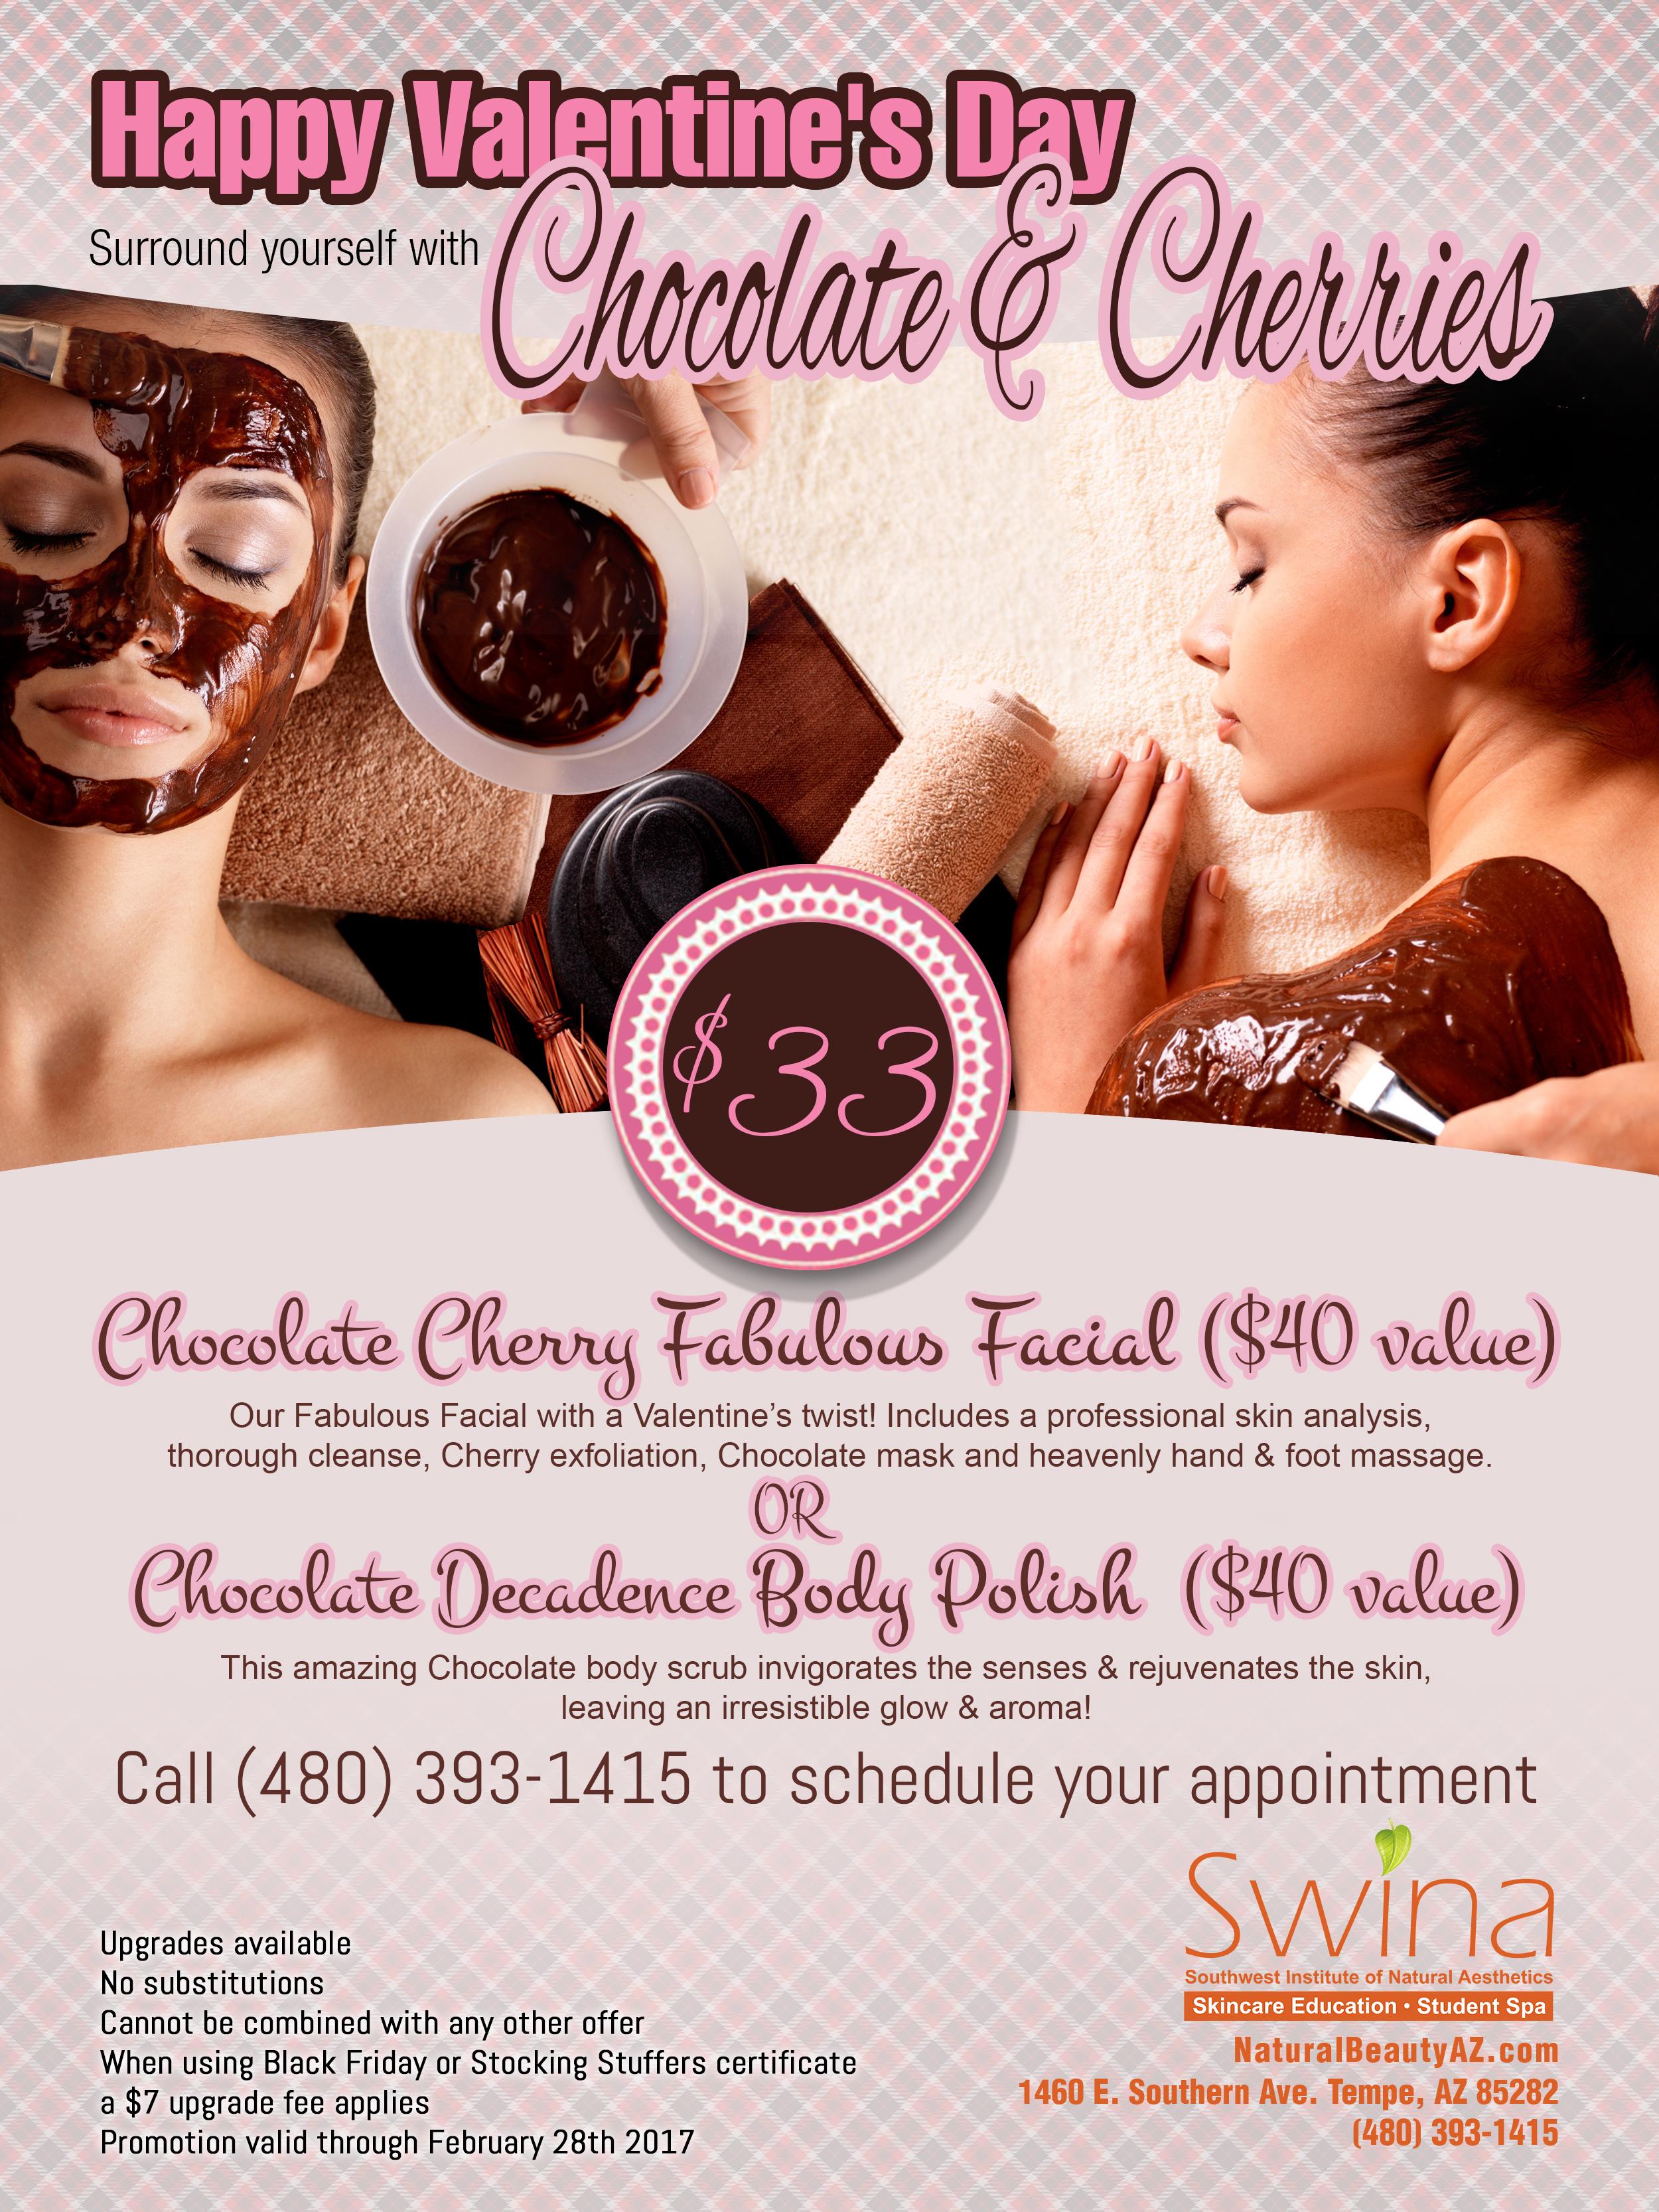 SWINA Clinic February Special